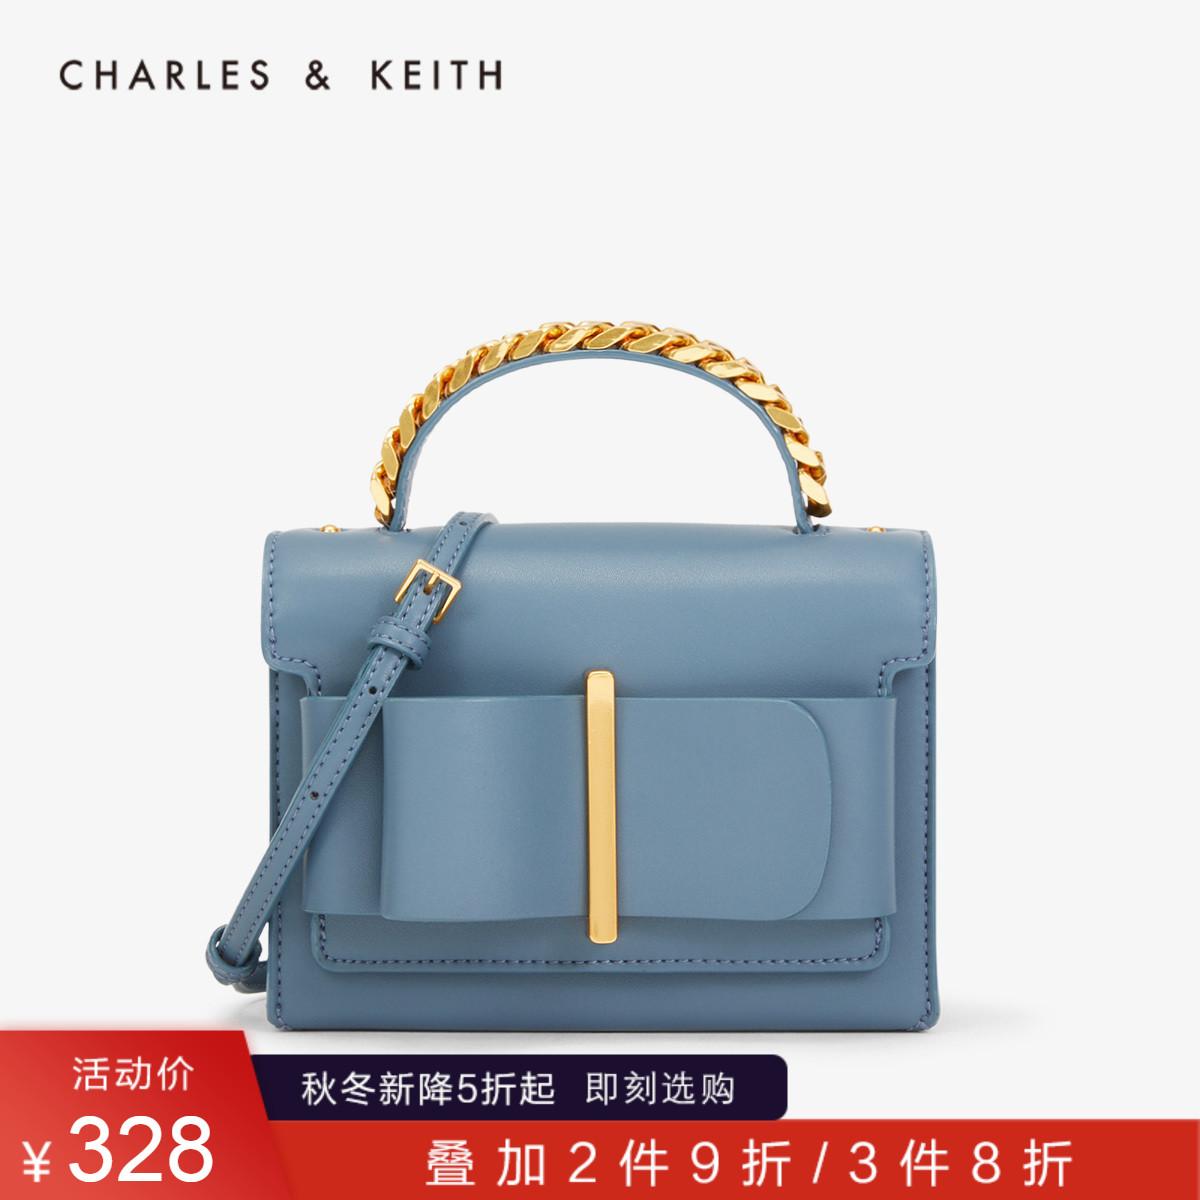 CHARLES&KEITH2019新款CK2-50680795-1翻盖手提单肩包小方包女包